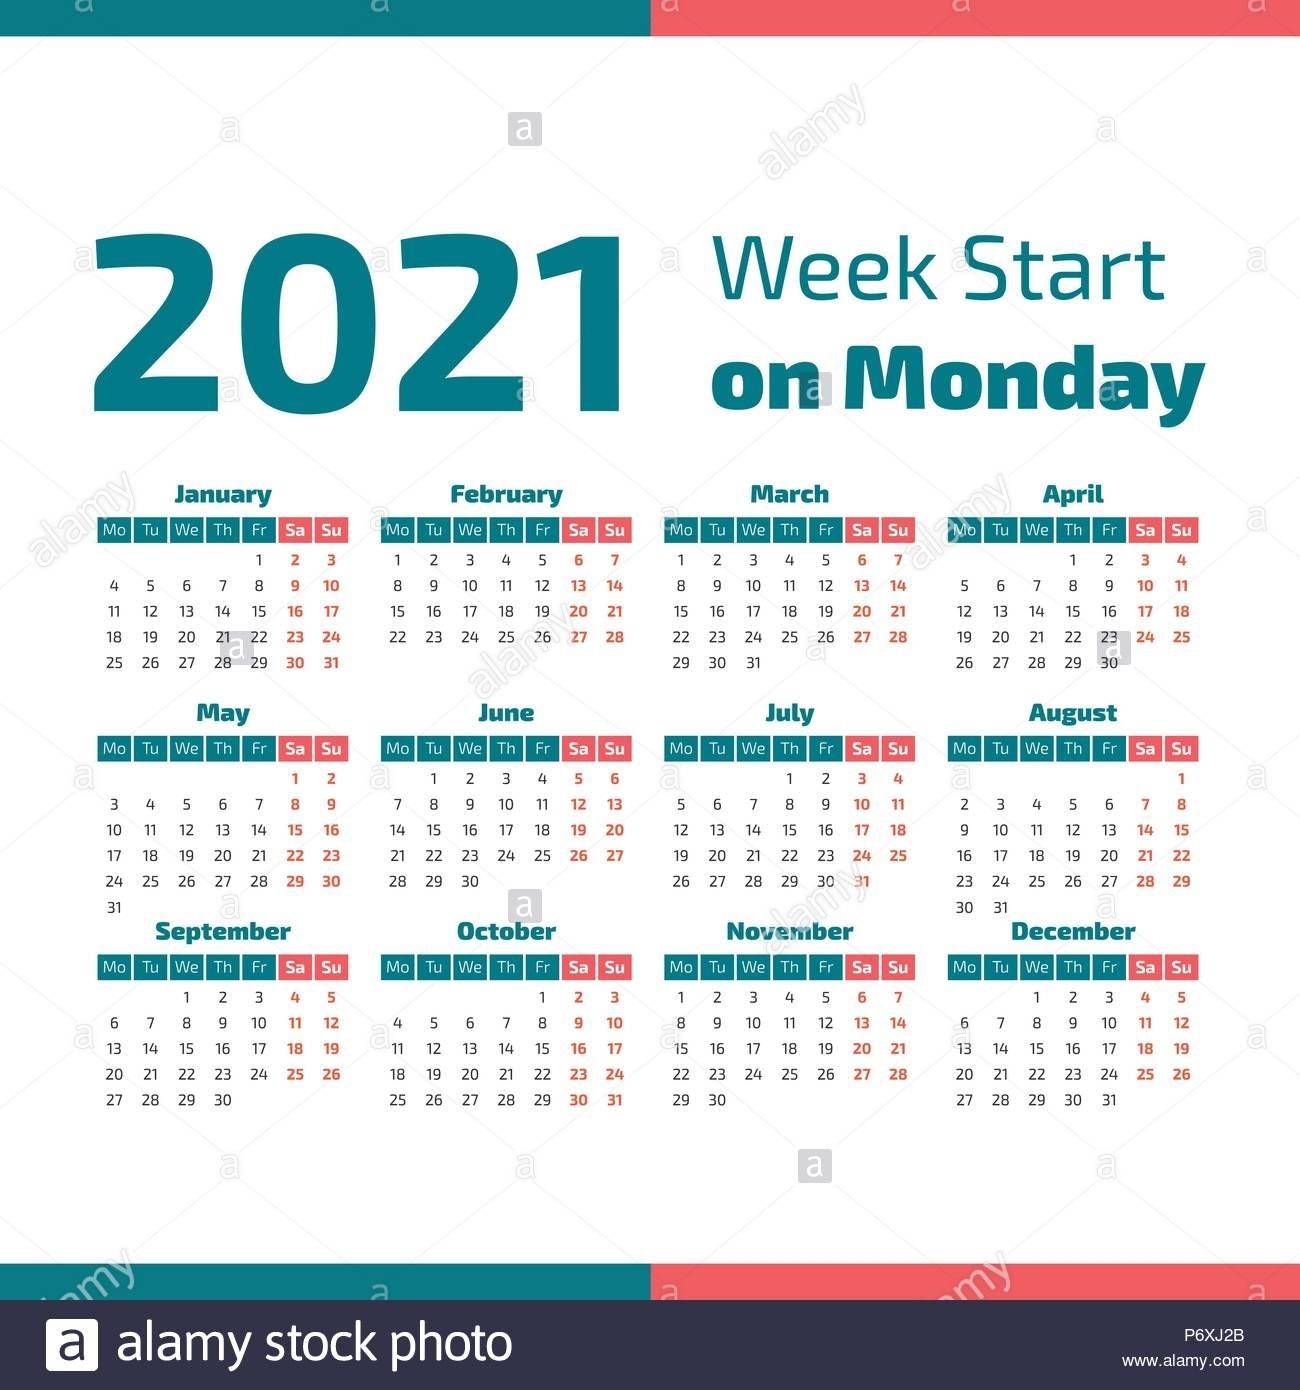 Simple Calendario Del Año 2021, La Semana Comienza En Lunes